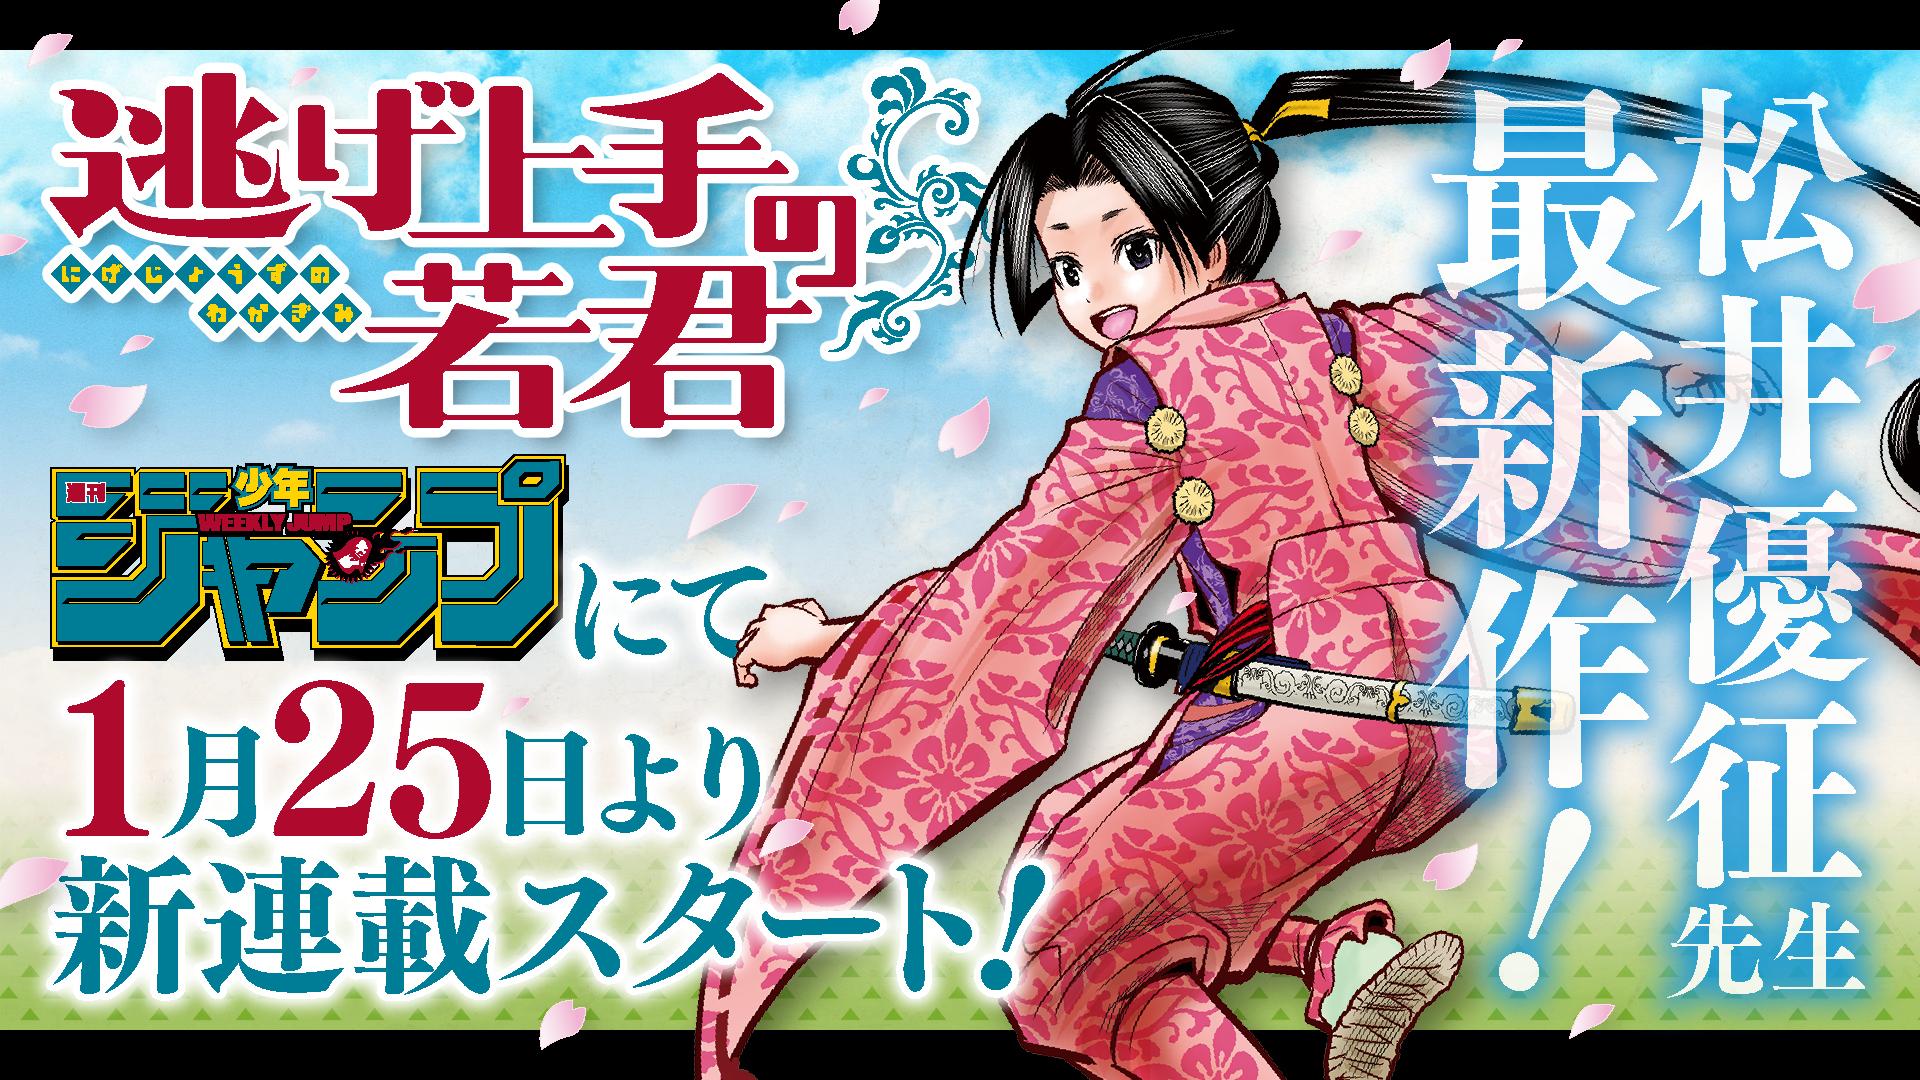 Nige Jozu no Wakagimi